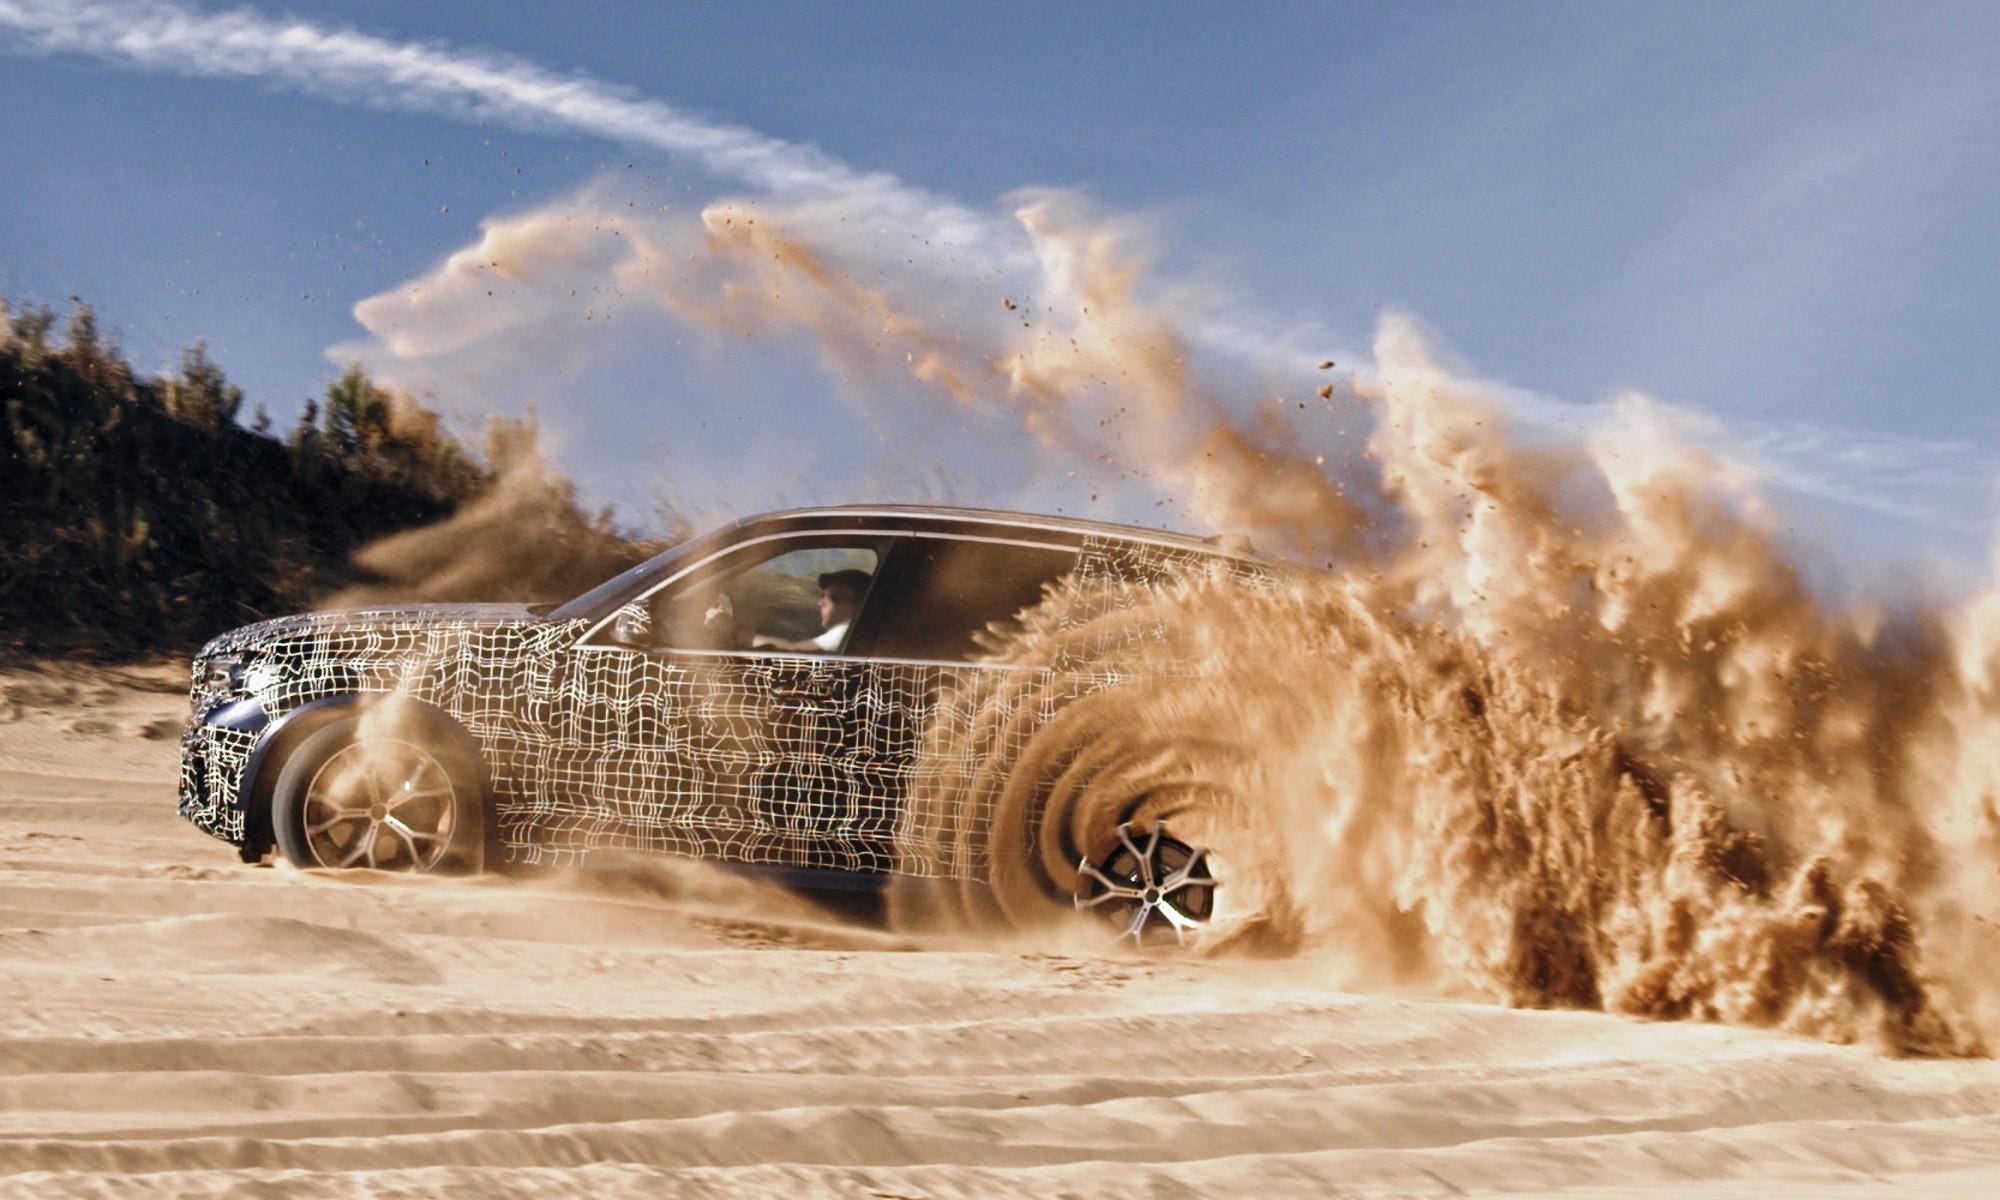 New BMW X5 sand testing